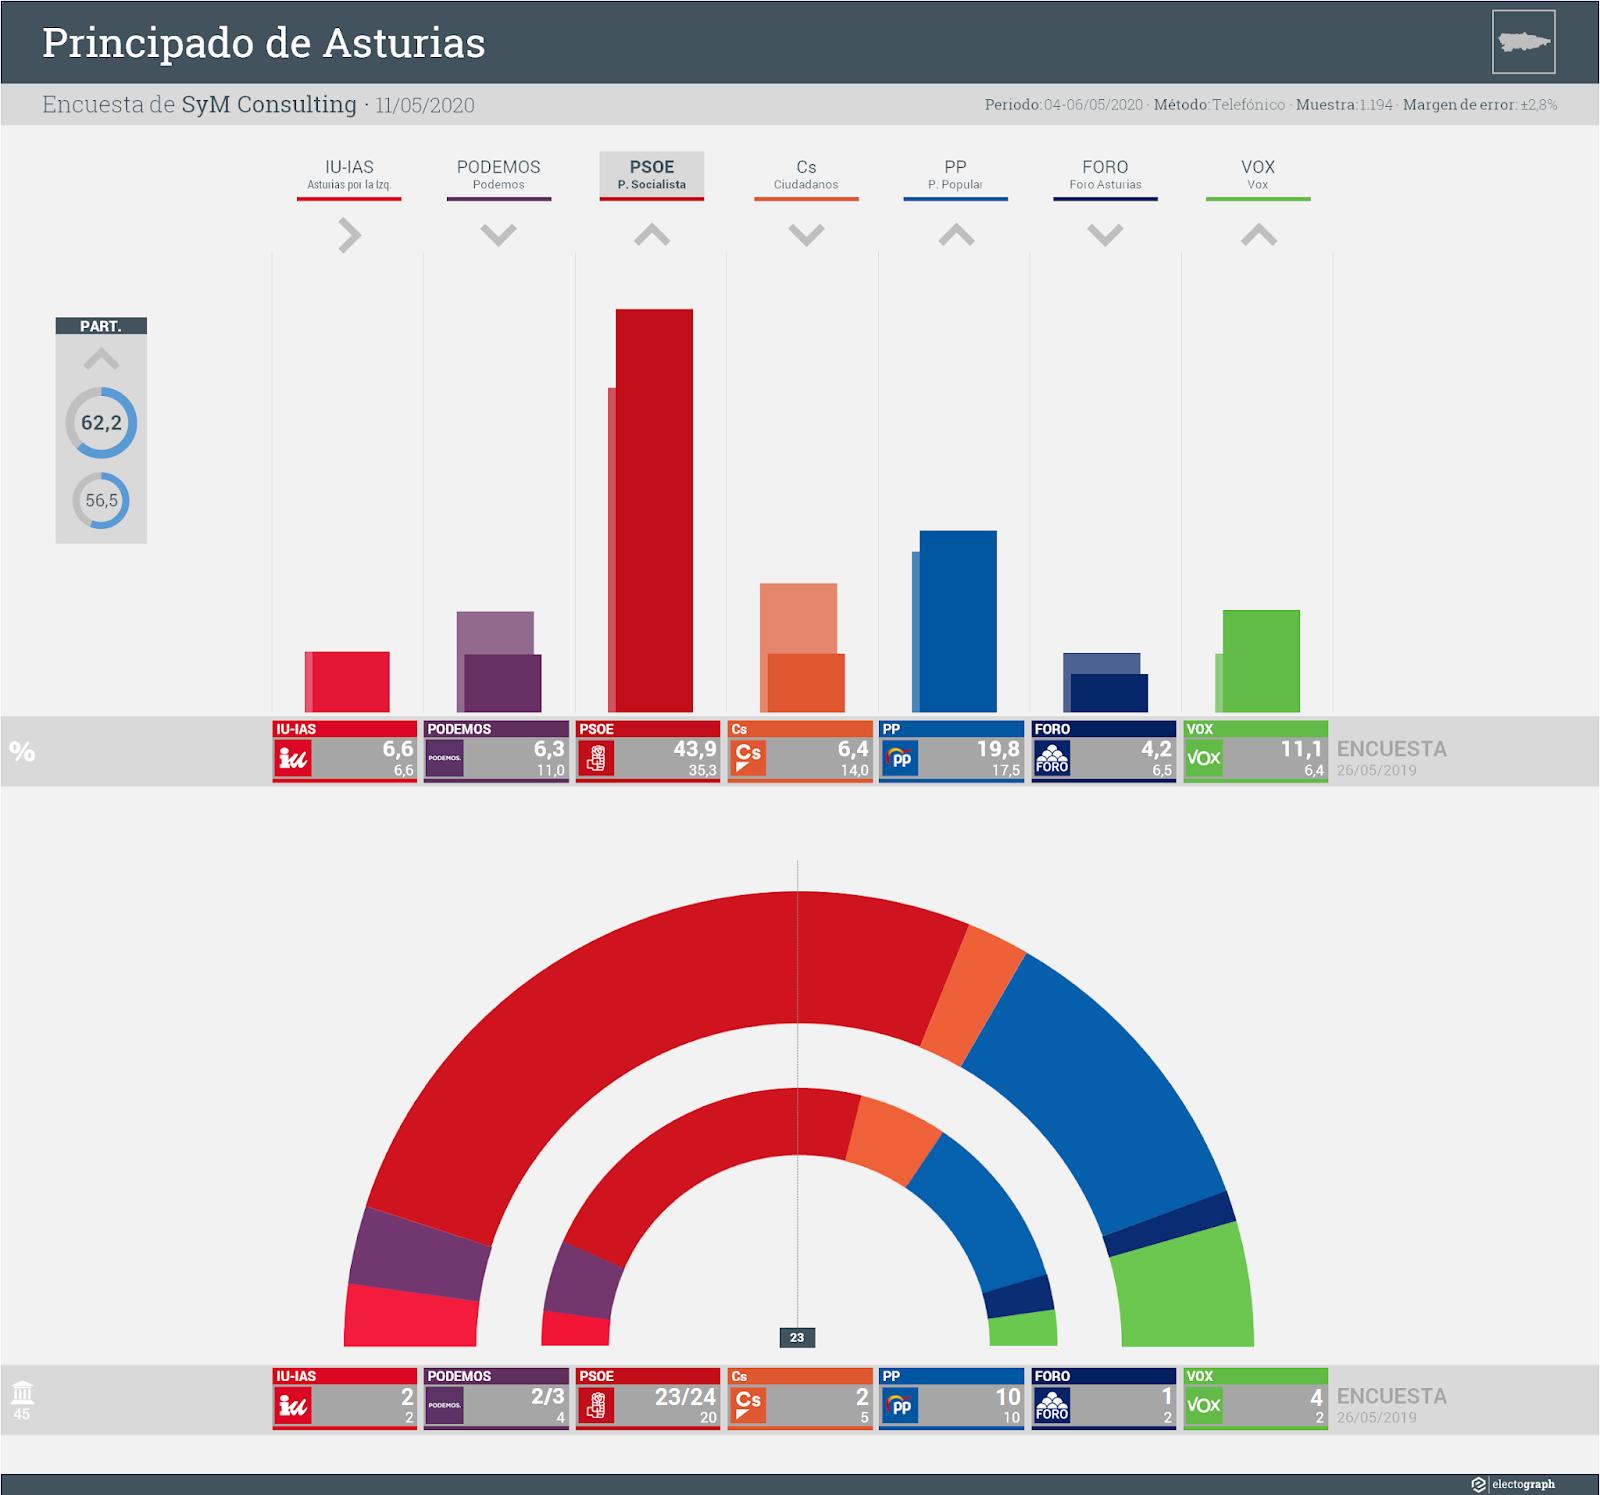 Gráfico de la encuesta para elecciones autonómicas en Asturias realizada por SyM Consulting, 11 de mayo de 2020